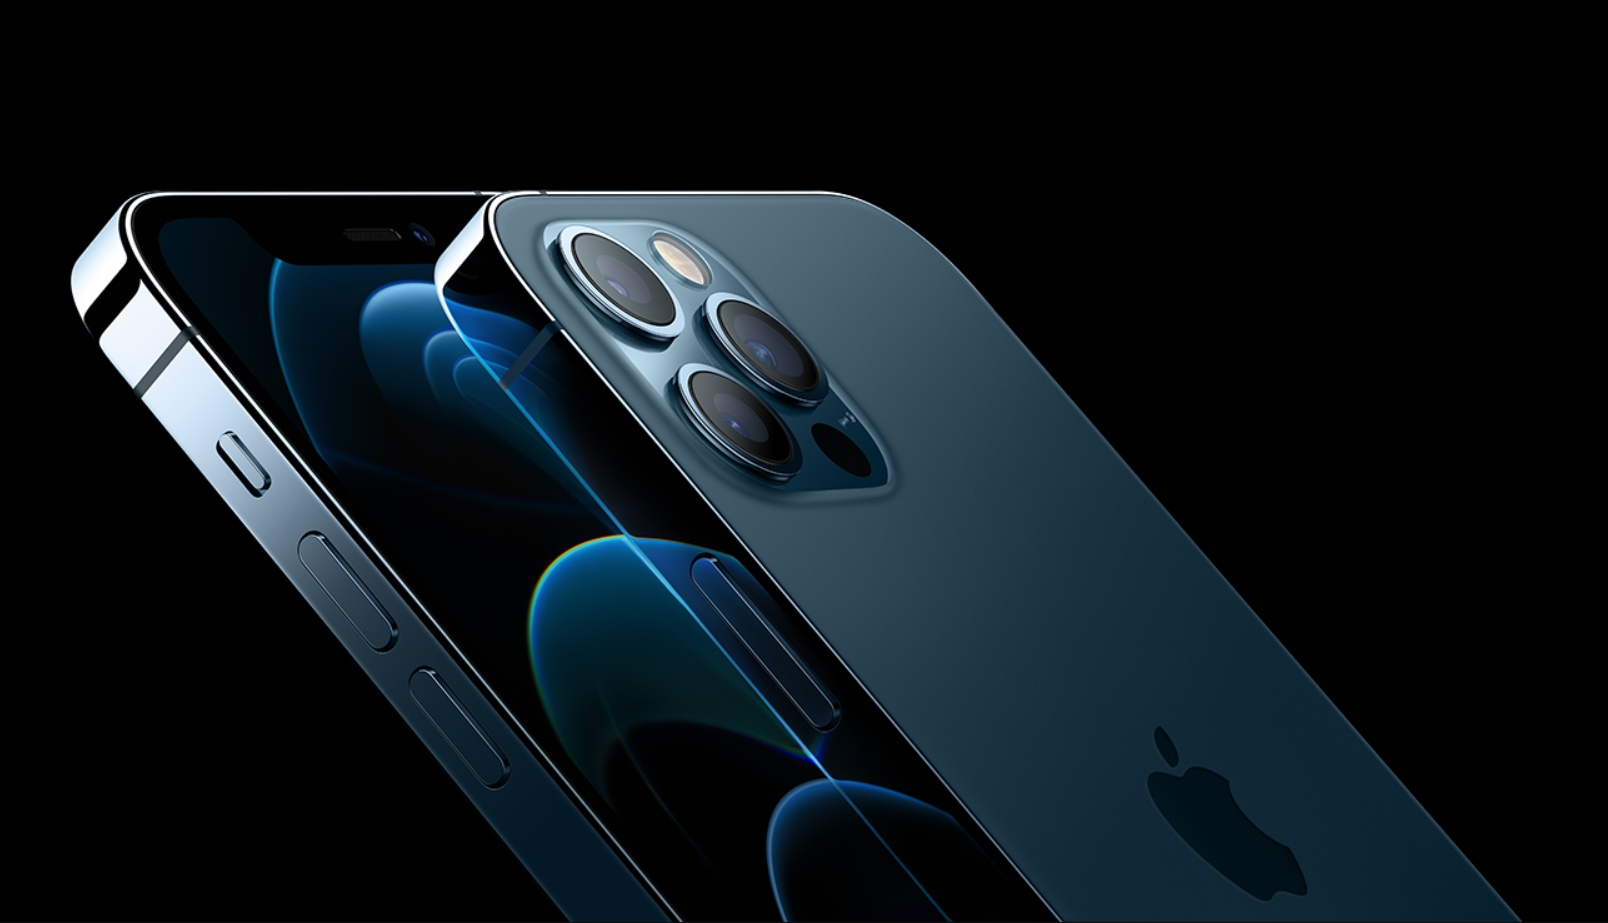 iPhone 12, iphone 12 gsmarena, iphone 12 pro, iphone 12 spesifikasi, iphone 12 pro max, iphone 12 price, iphone 12 design, iphone 12 mini, iphone 12 flip